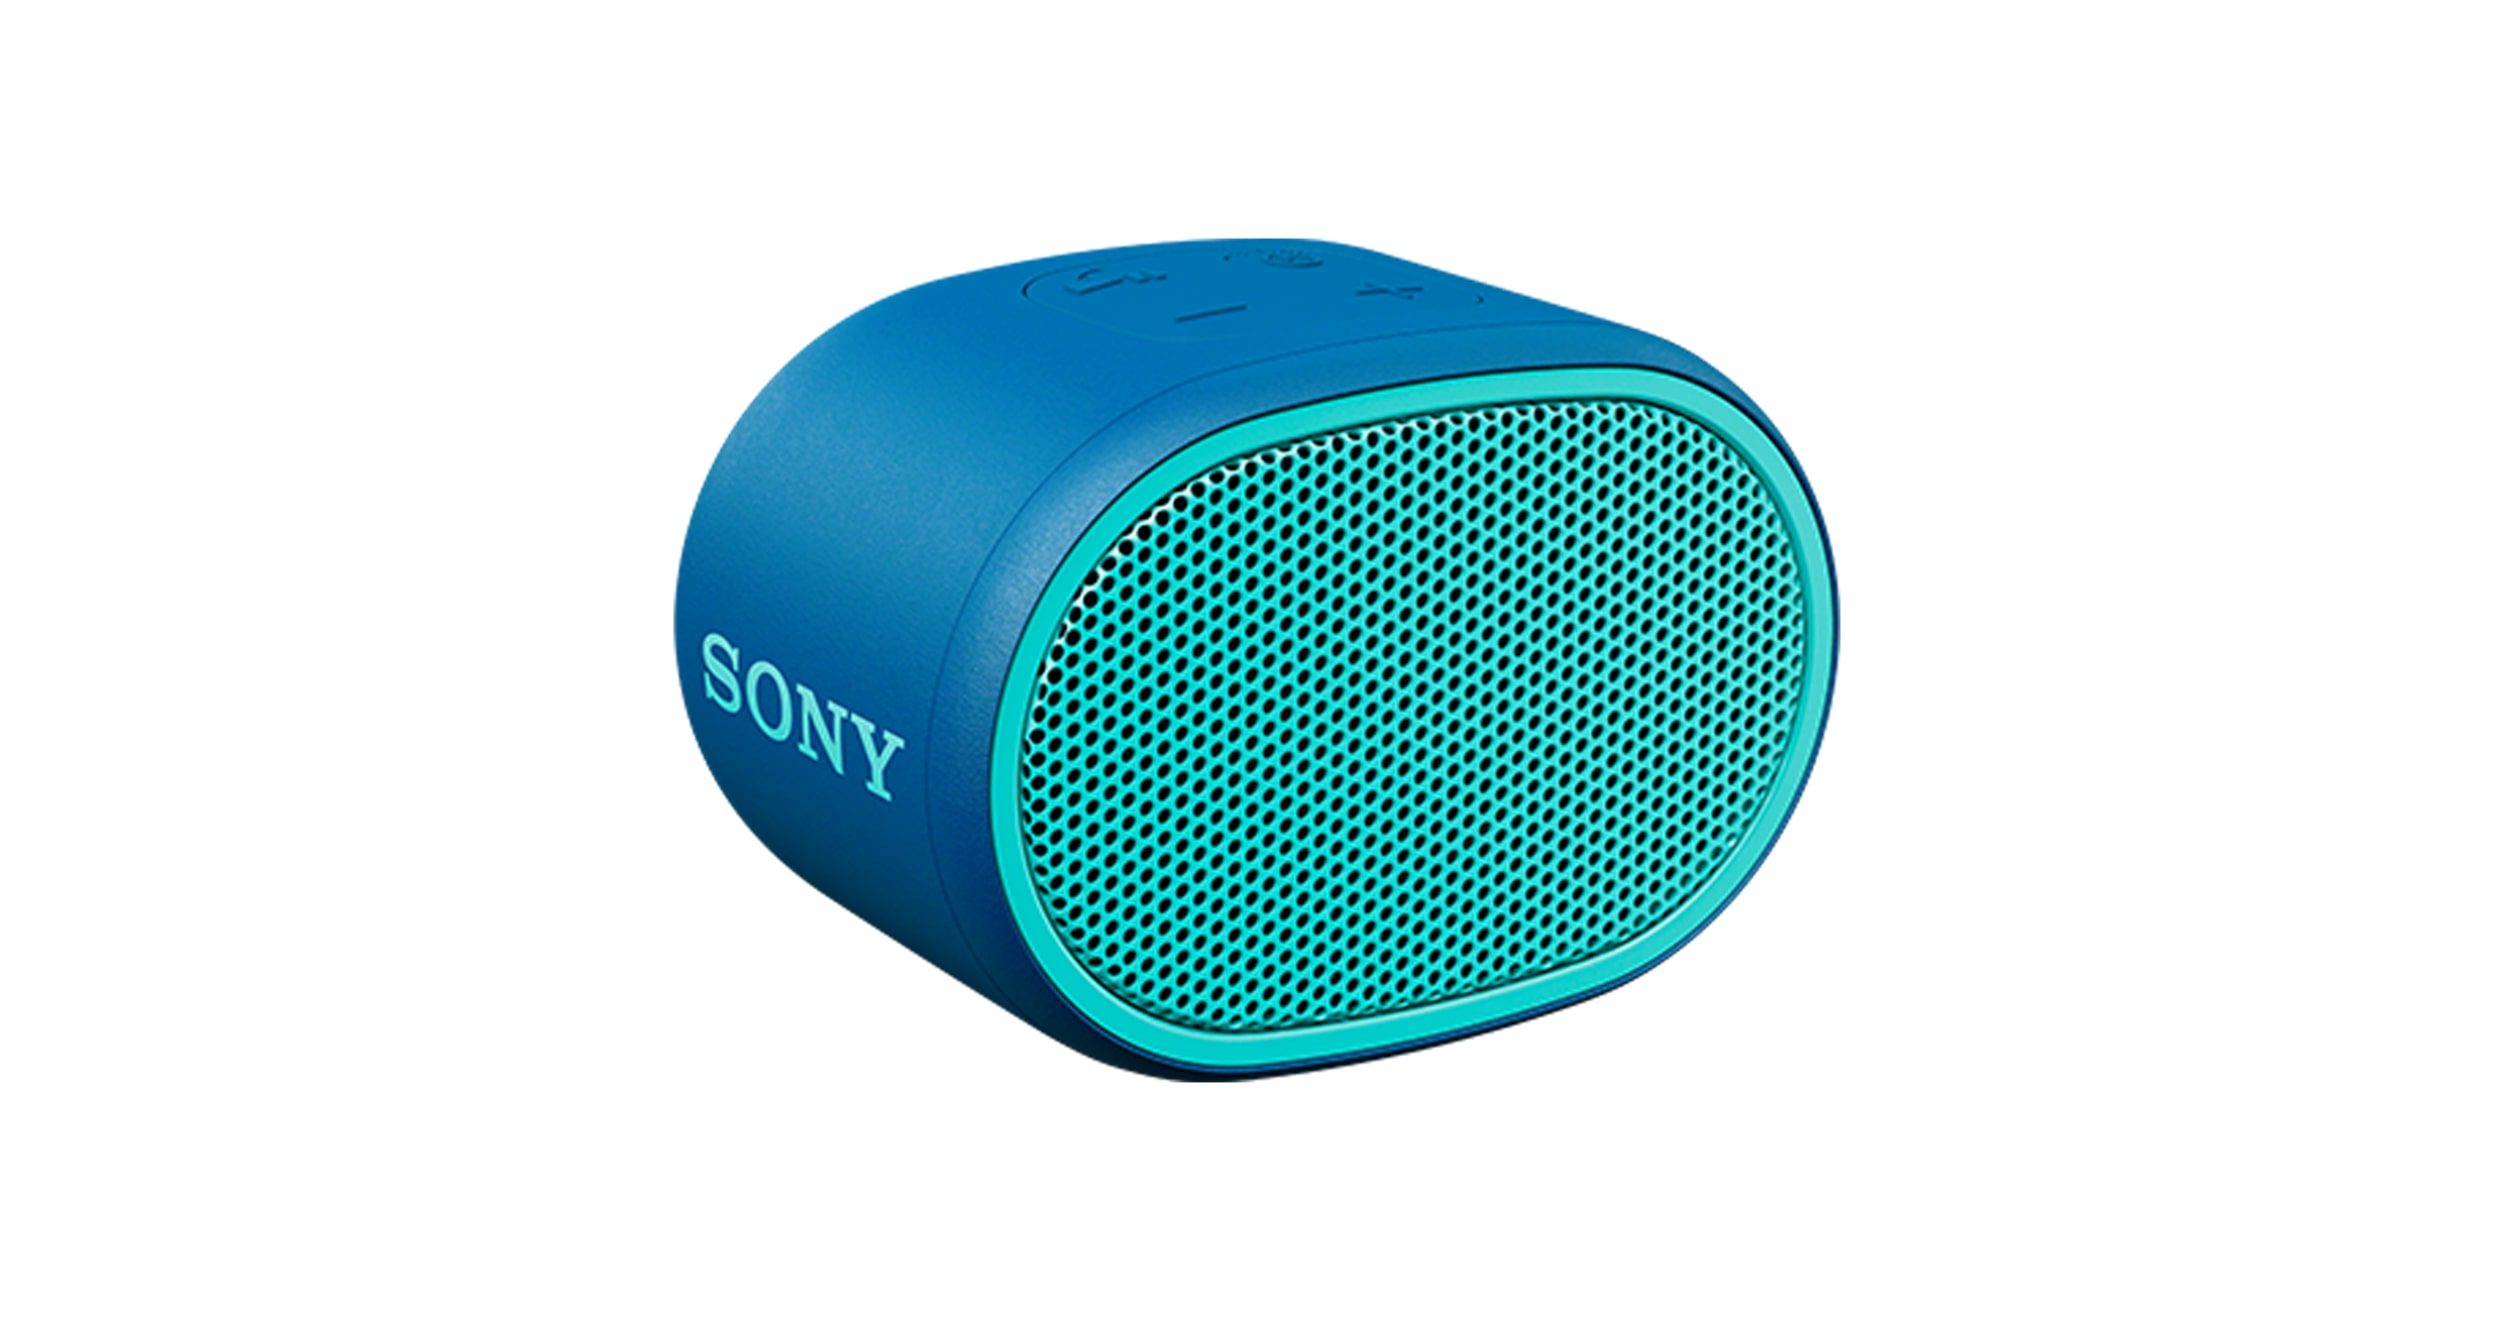 Sony trådløs høyttaler SRS XB01, hvit   Telenor Nettbutikk